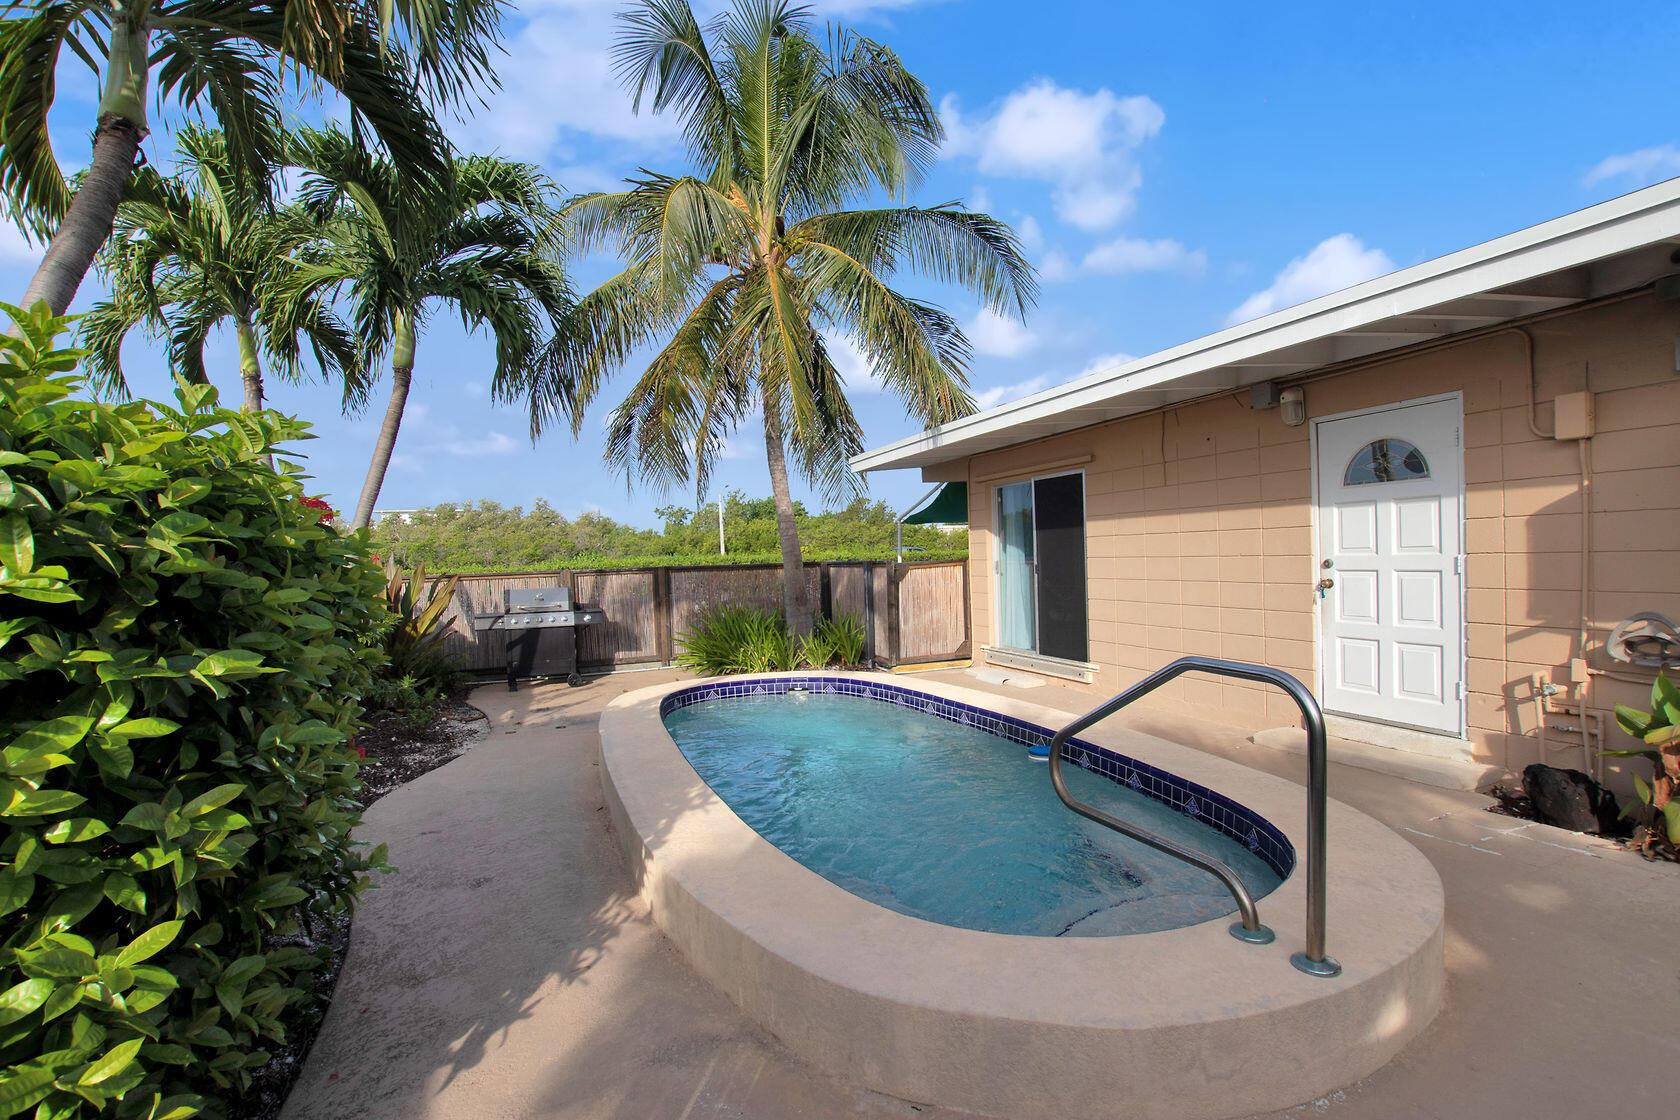 69 Coral Lane Property Photo 1